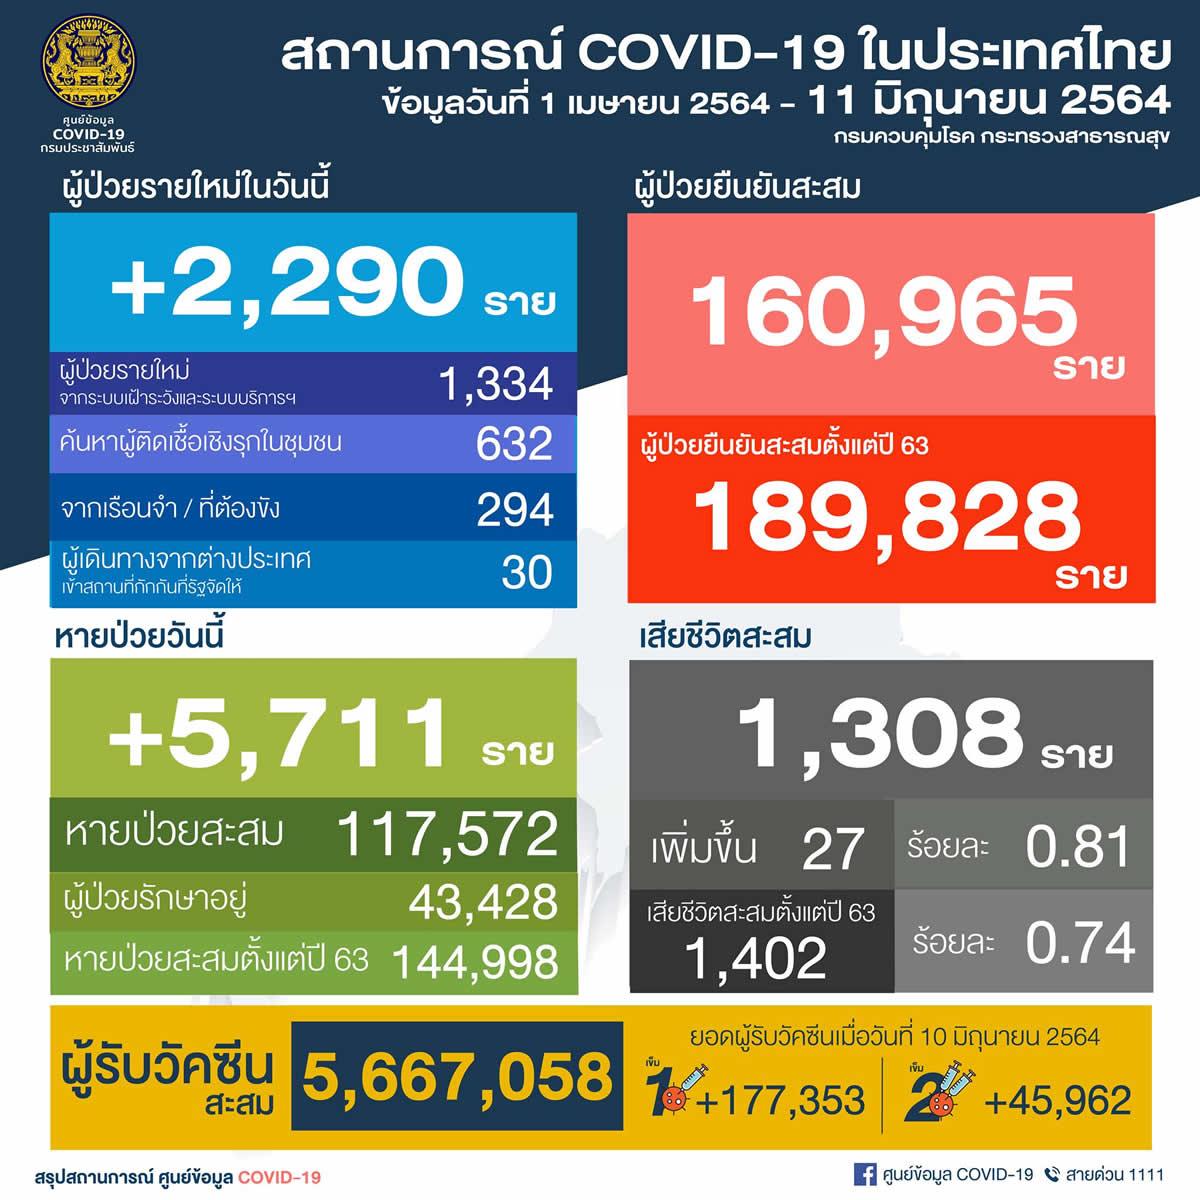 タイ 陽性 2,290人/バンコク 942人/死亡 27人[2021年6月11日発表]